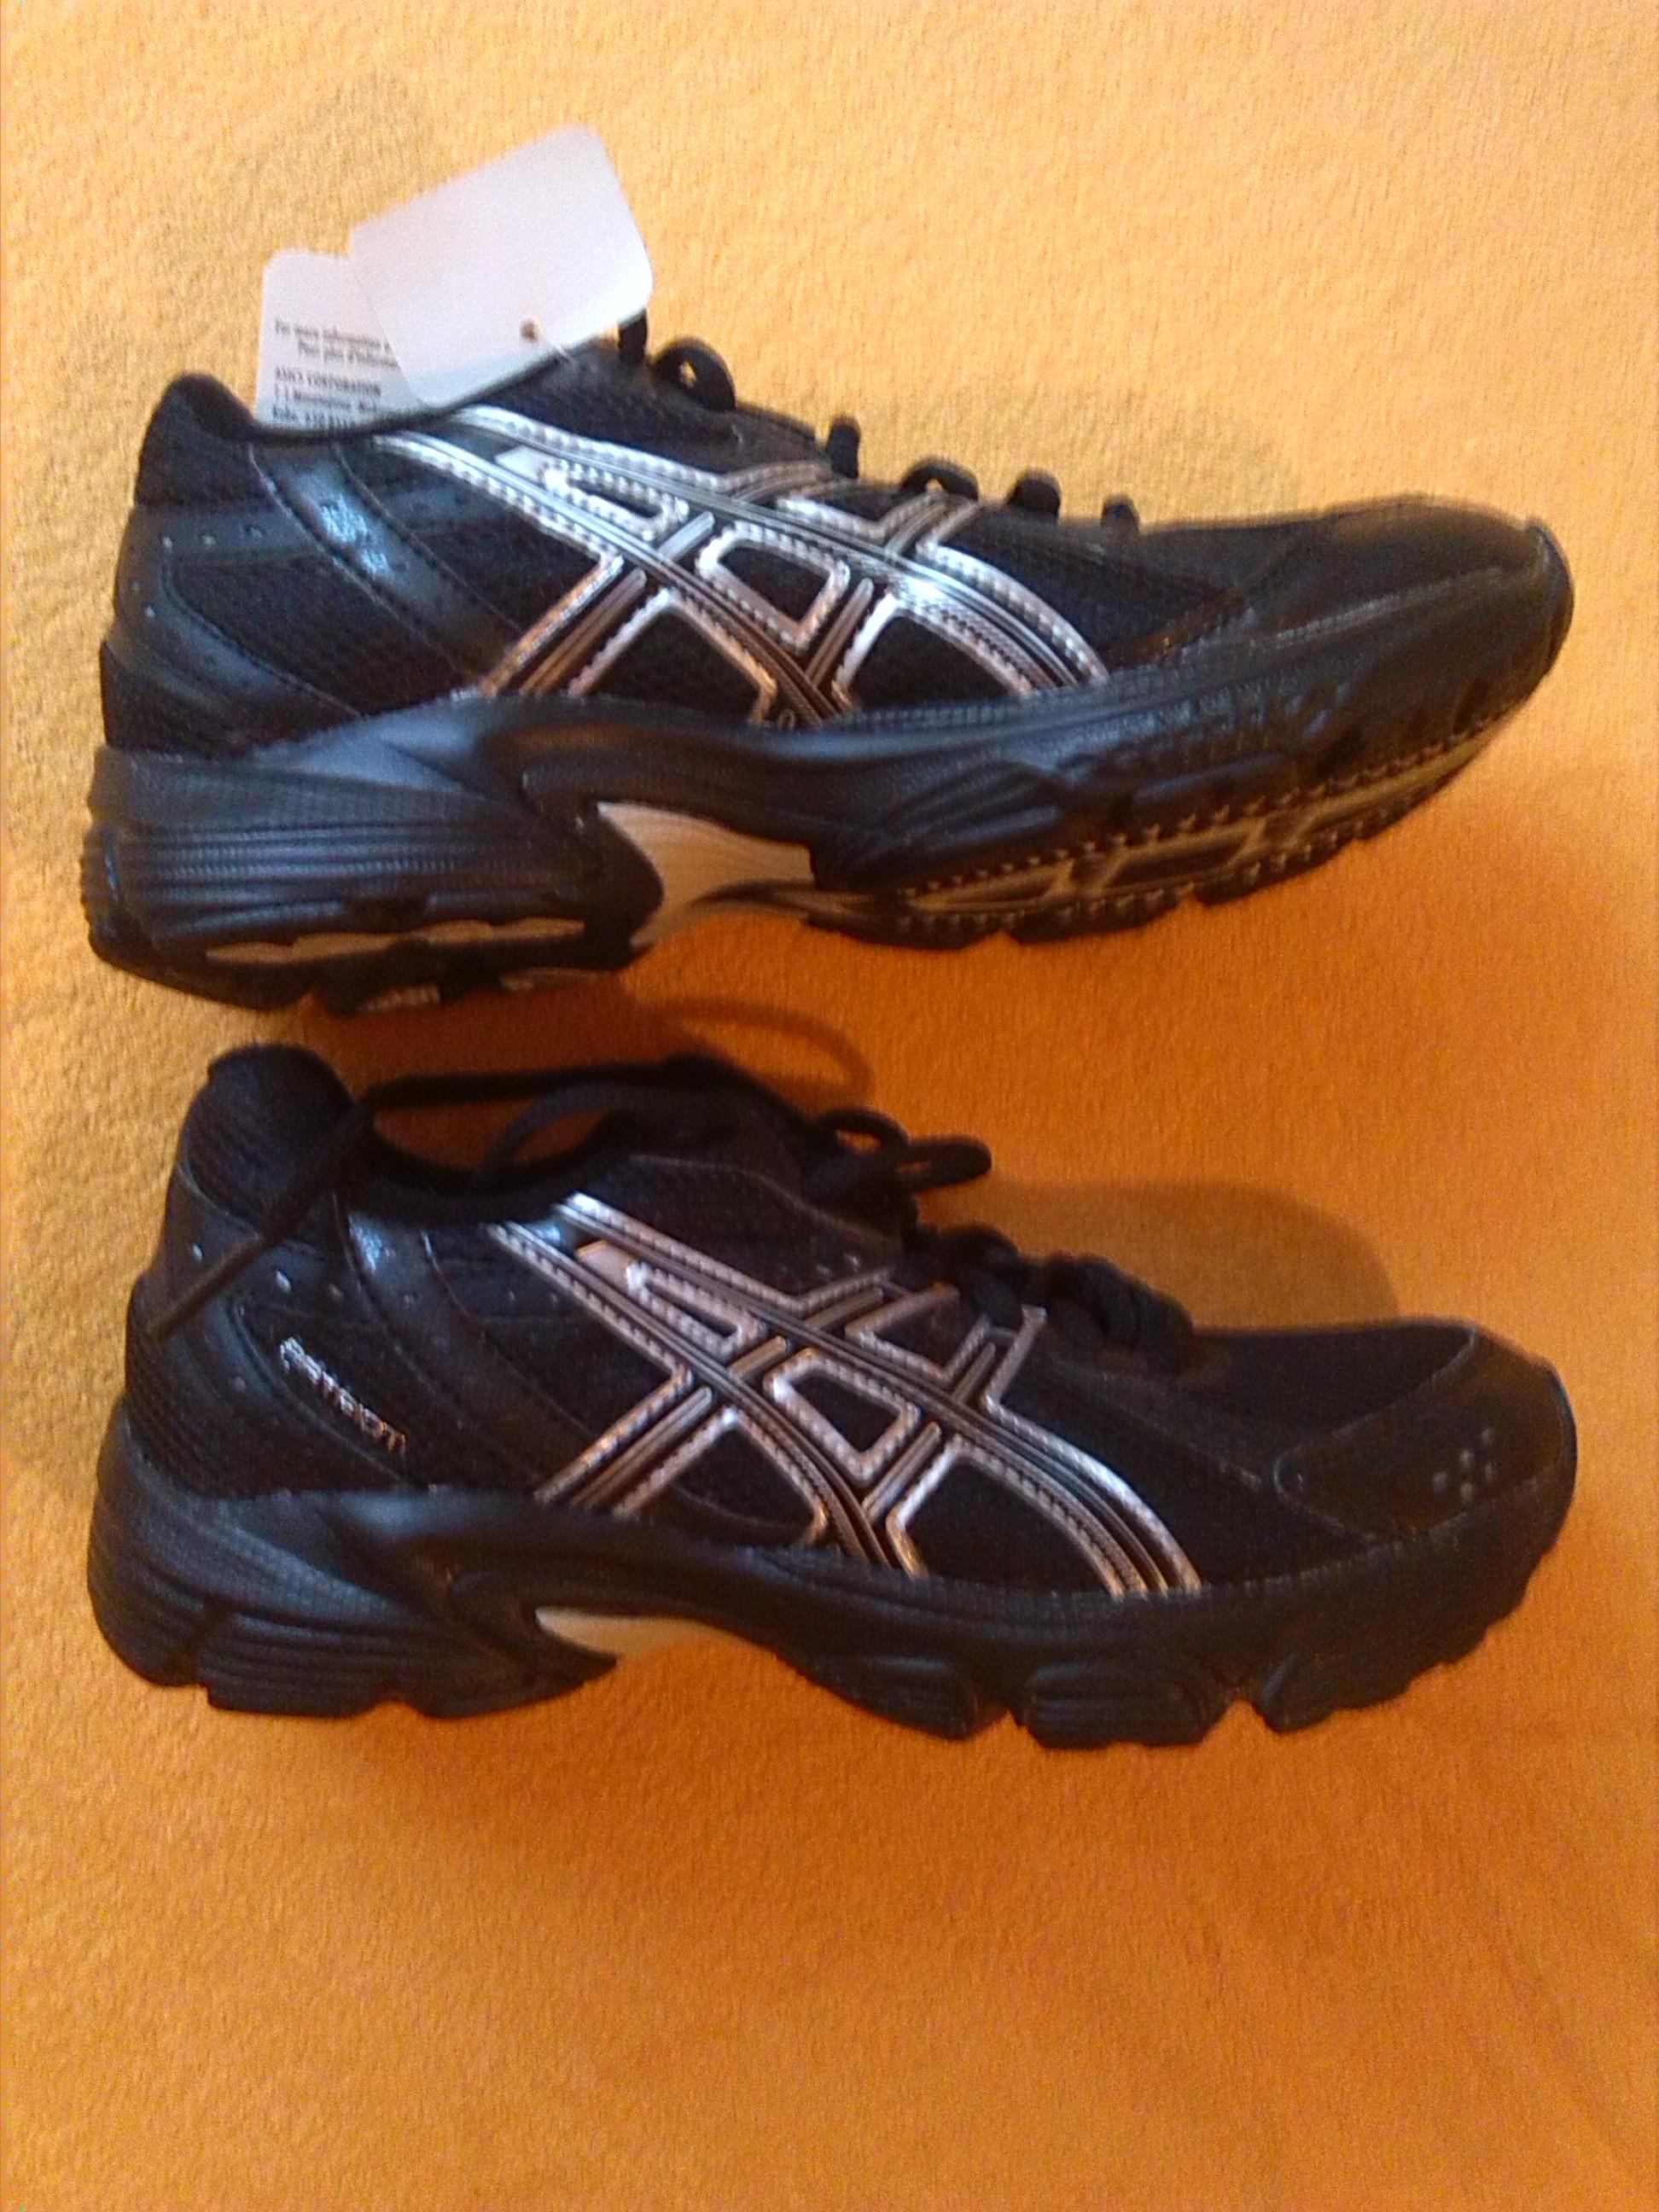 Dámská běžecká obuv - Asics (vel. 35,5 EU) / AB-00002 (EXPEDICE DO 24 HODIN)